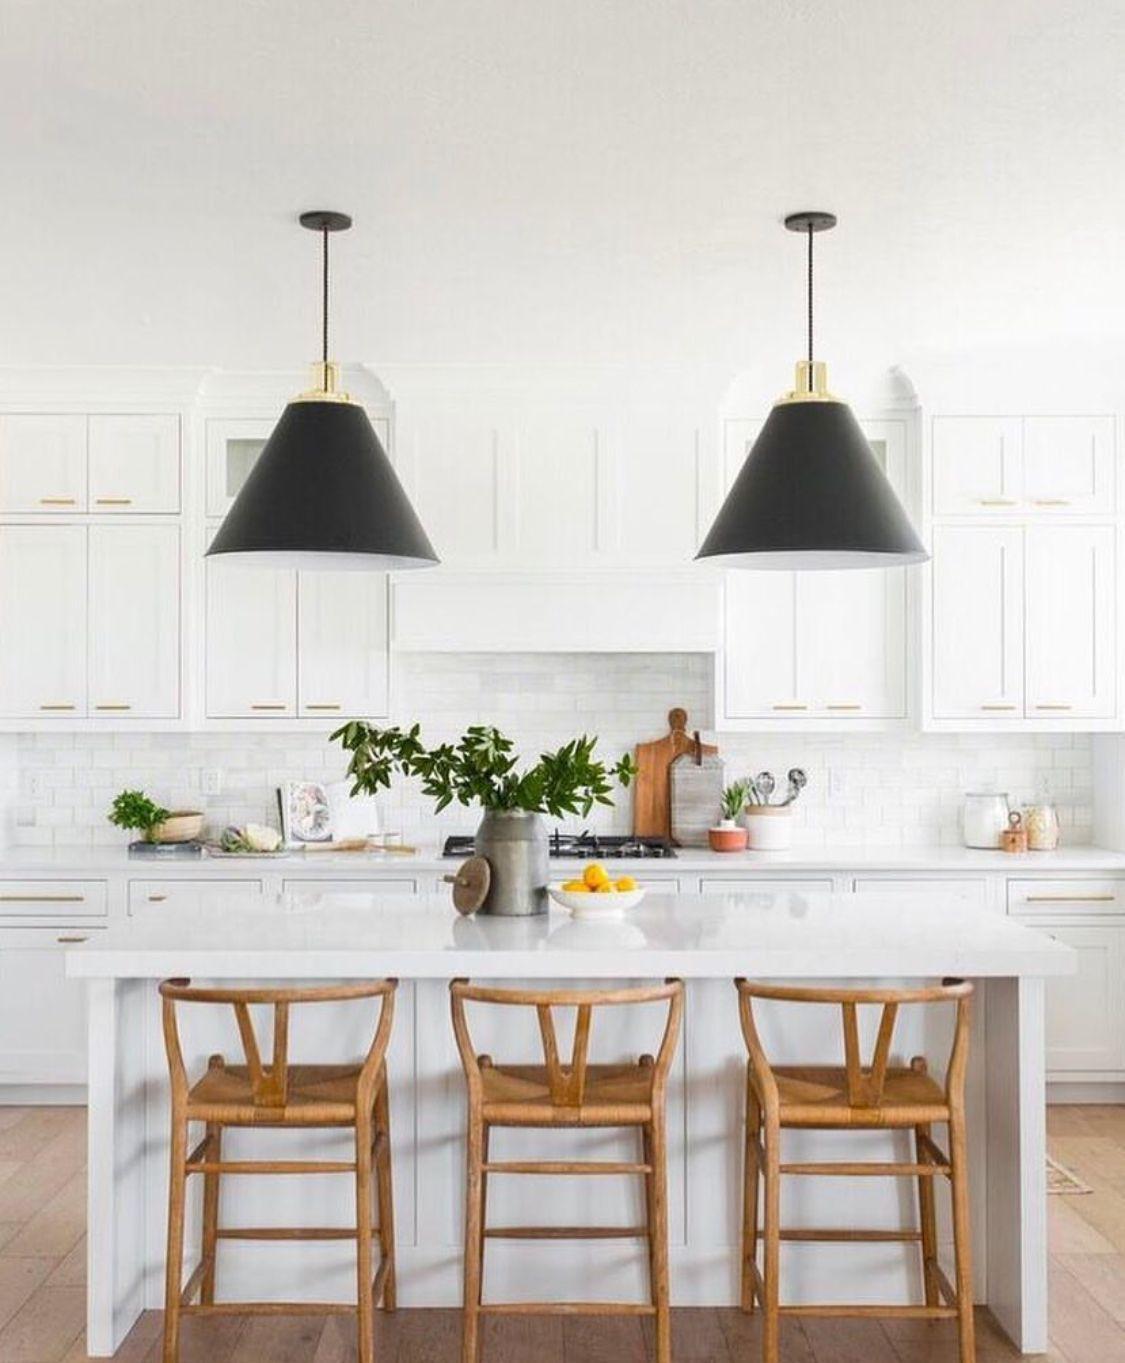 White Kitchen With Black Pendant Lights Home Decor Kitchen